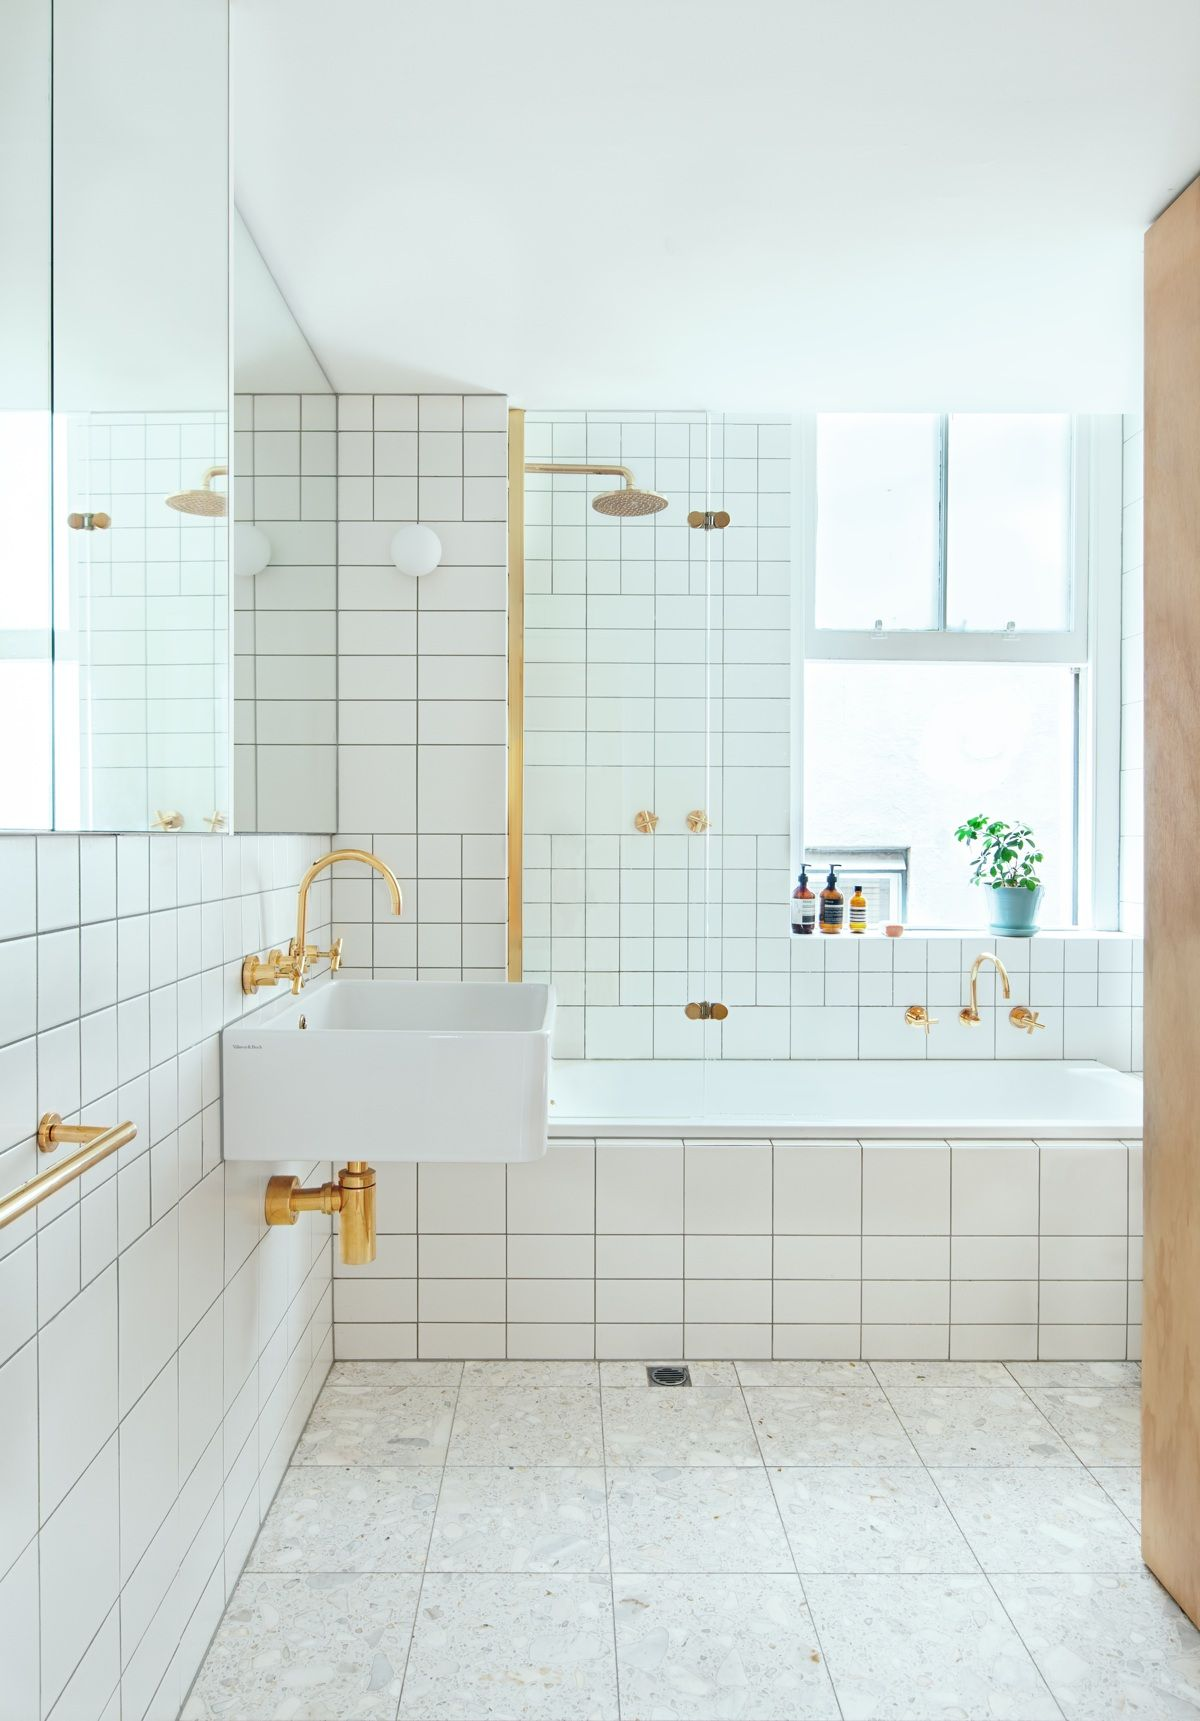 Minimalist Bathroom Designs Looks So Trendy With Backsplash and ...